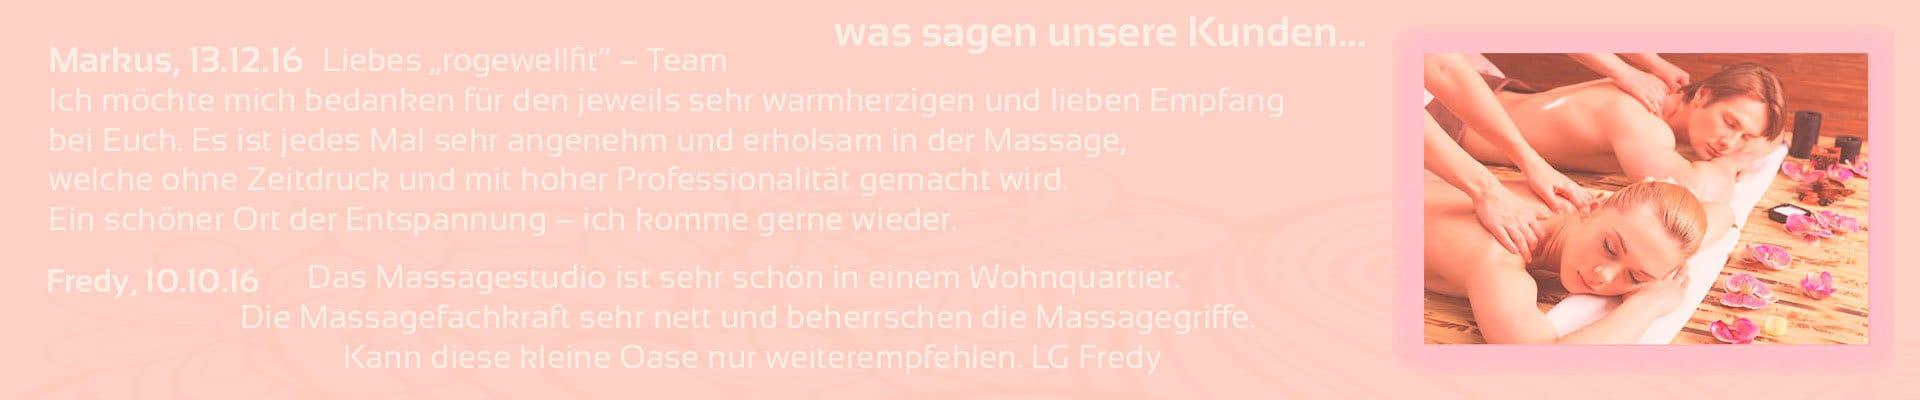 Massagen, Spa Wellness & Massagelounge